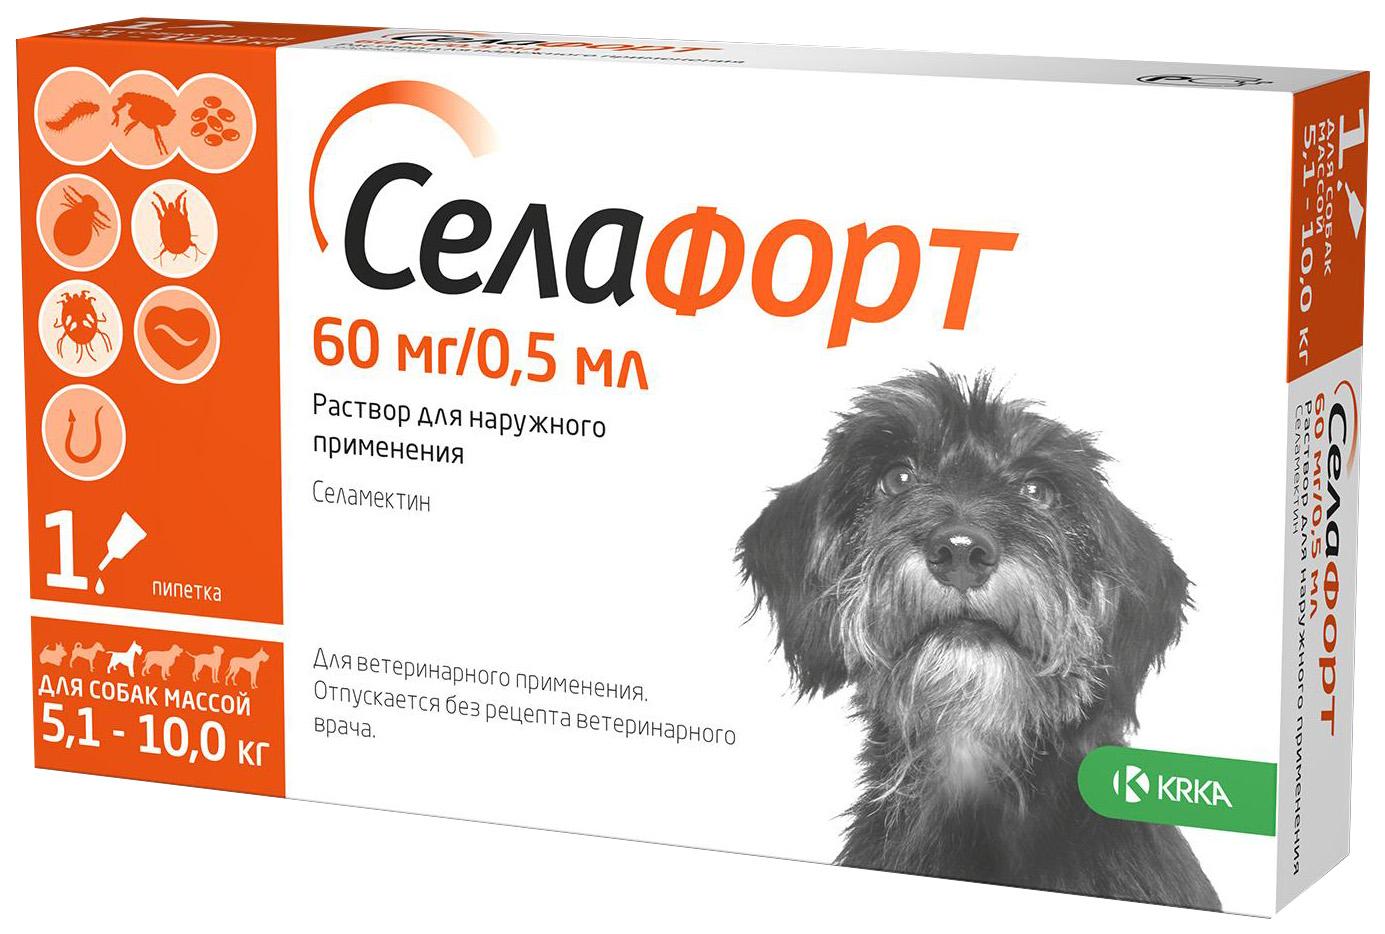 Капли для собак 5,1 10 кг против